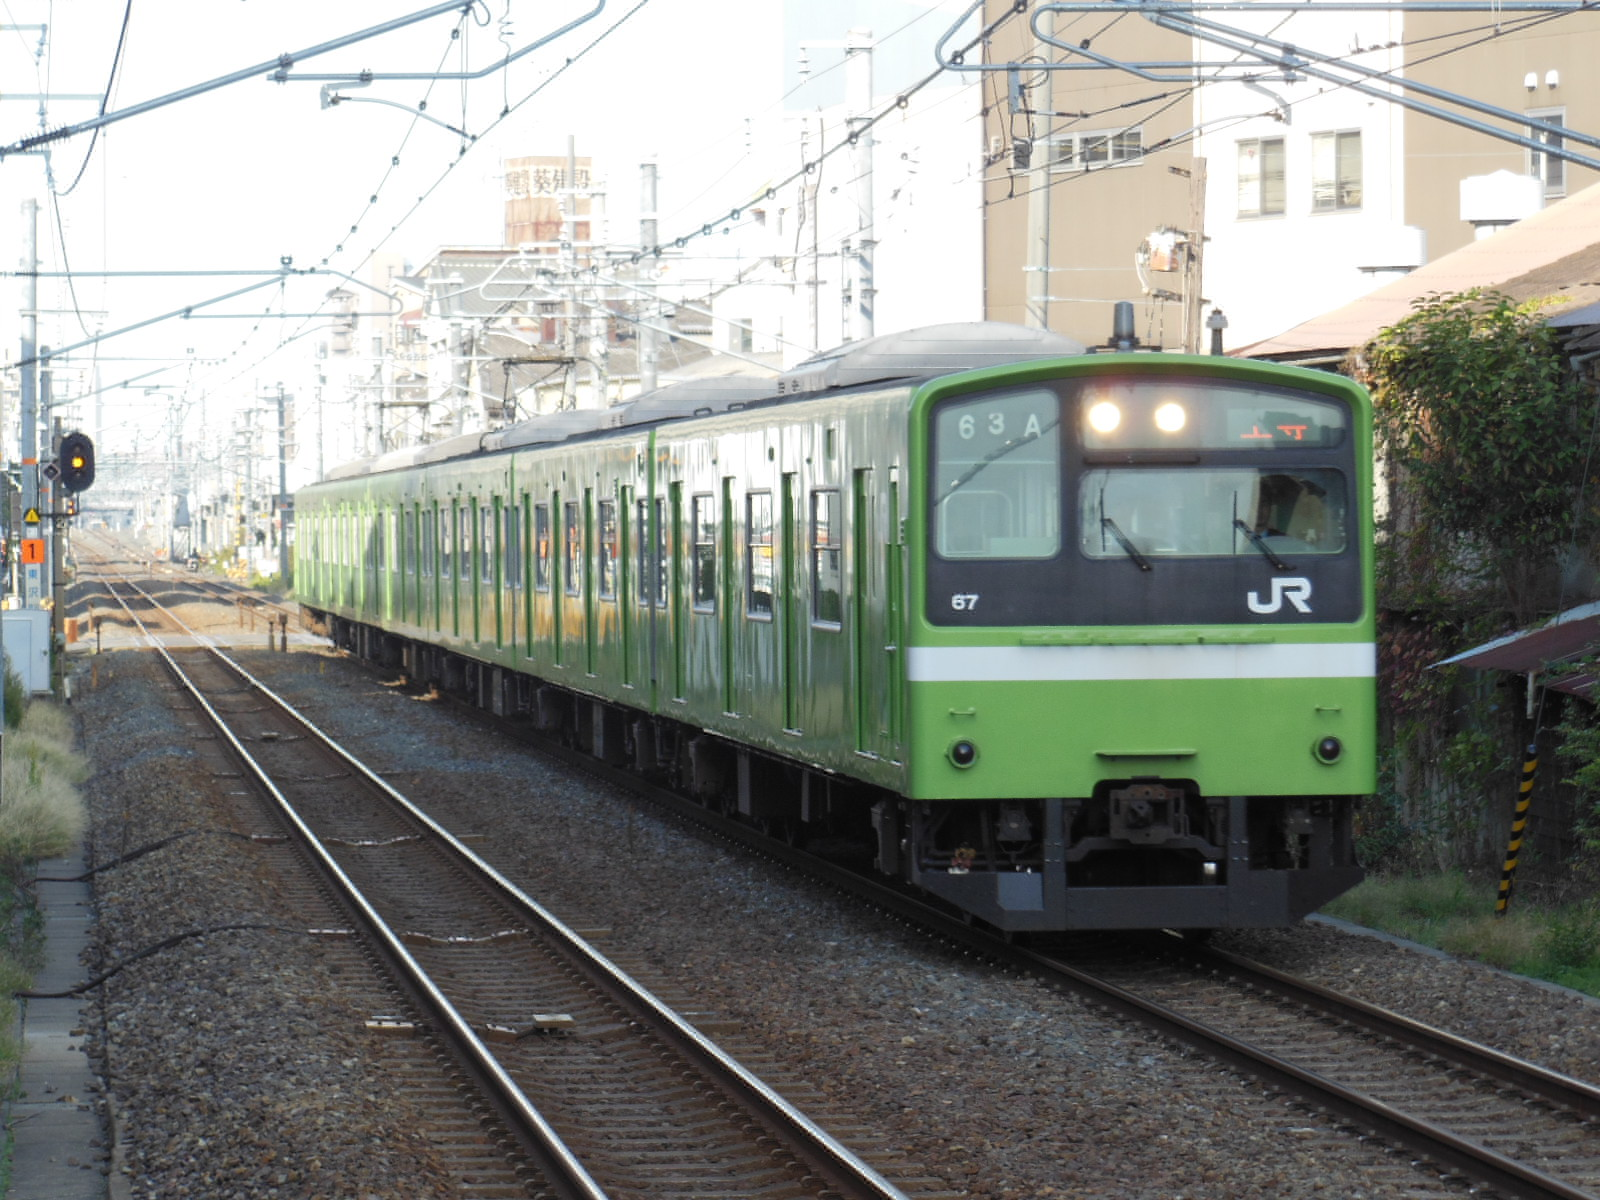 DSCN5298.jpg